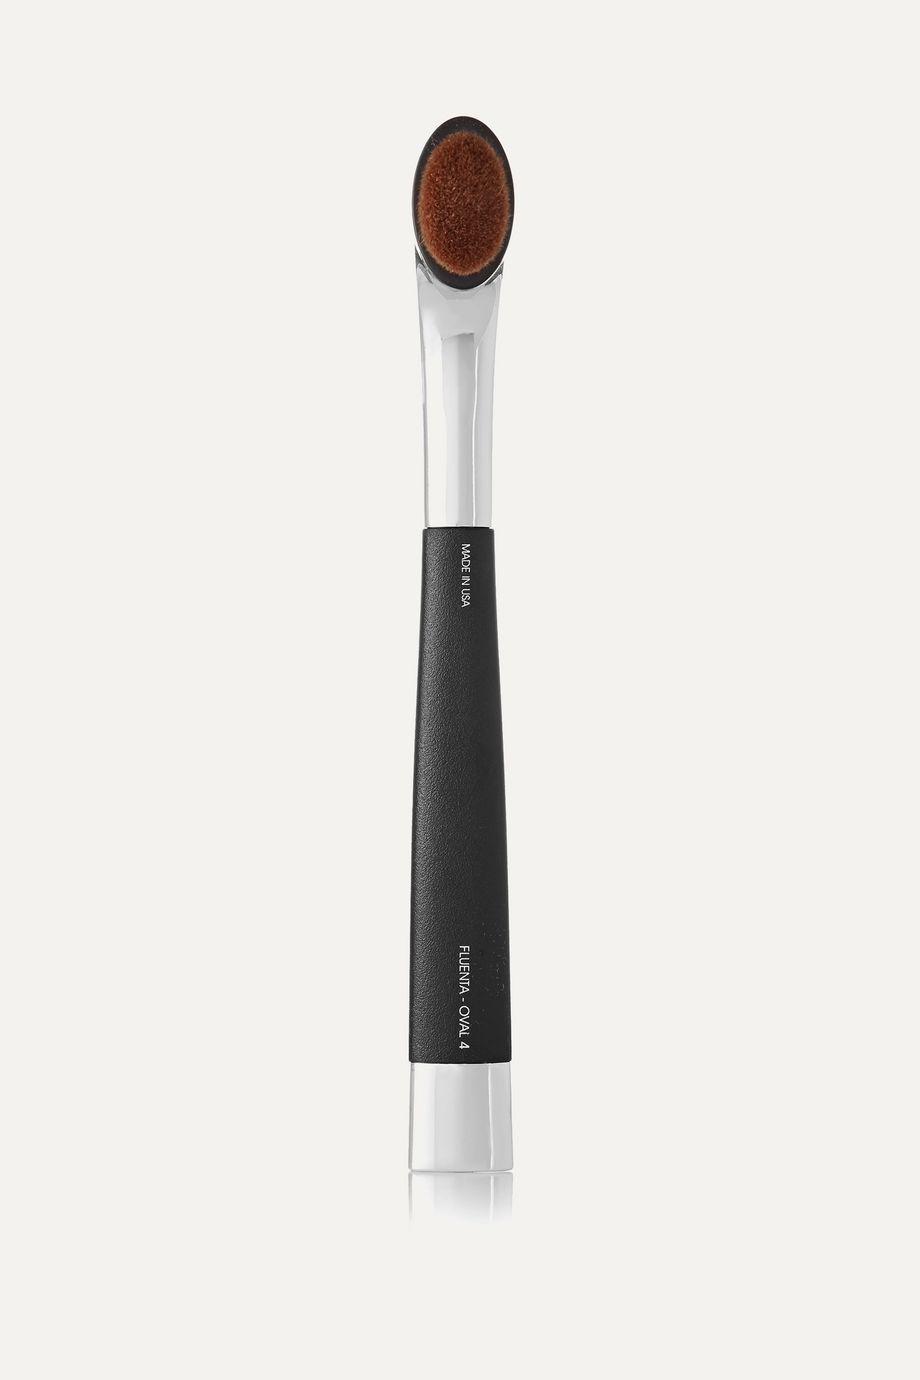 Artis Brush Fluenta Oval 4 Brush